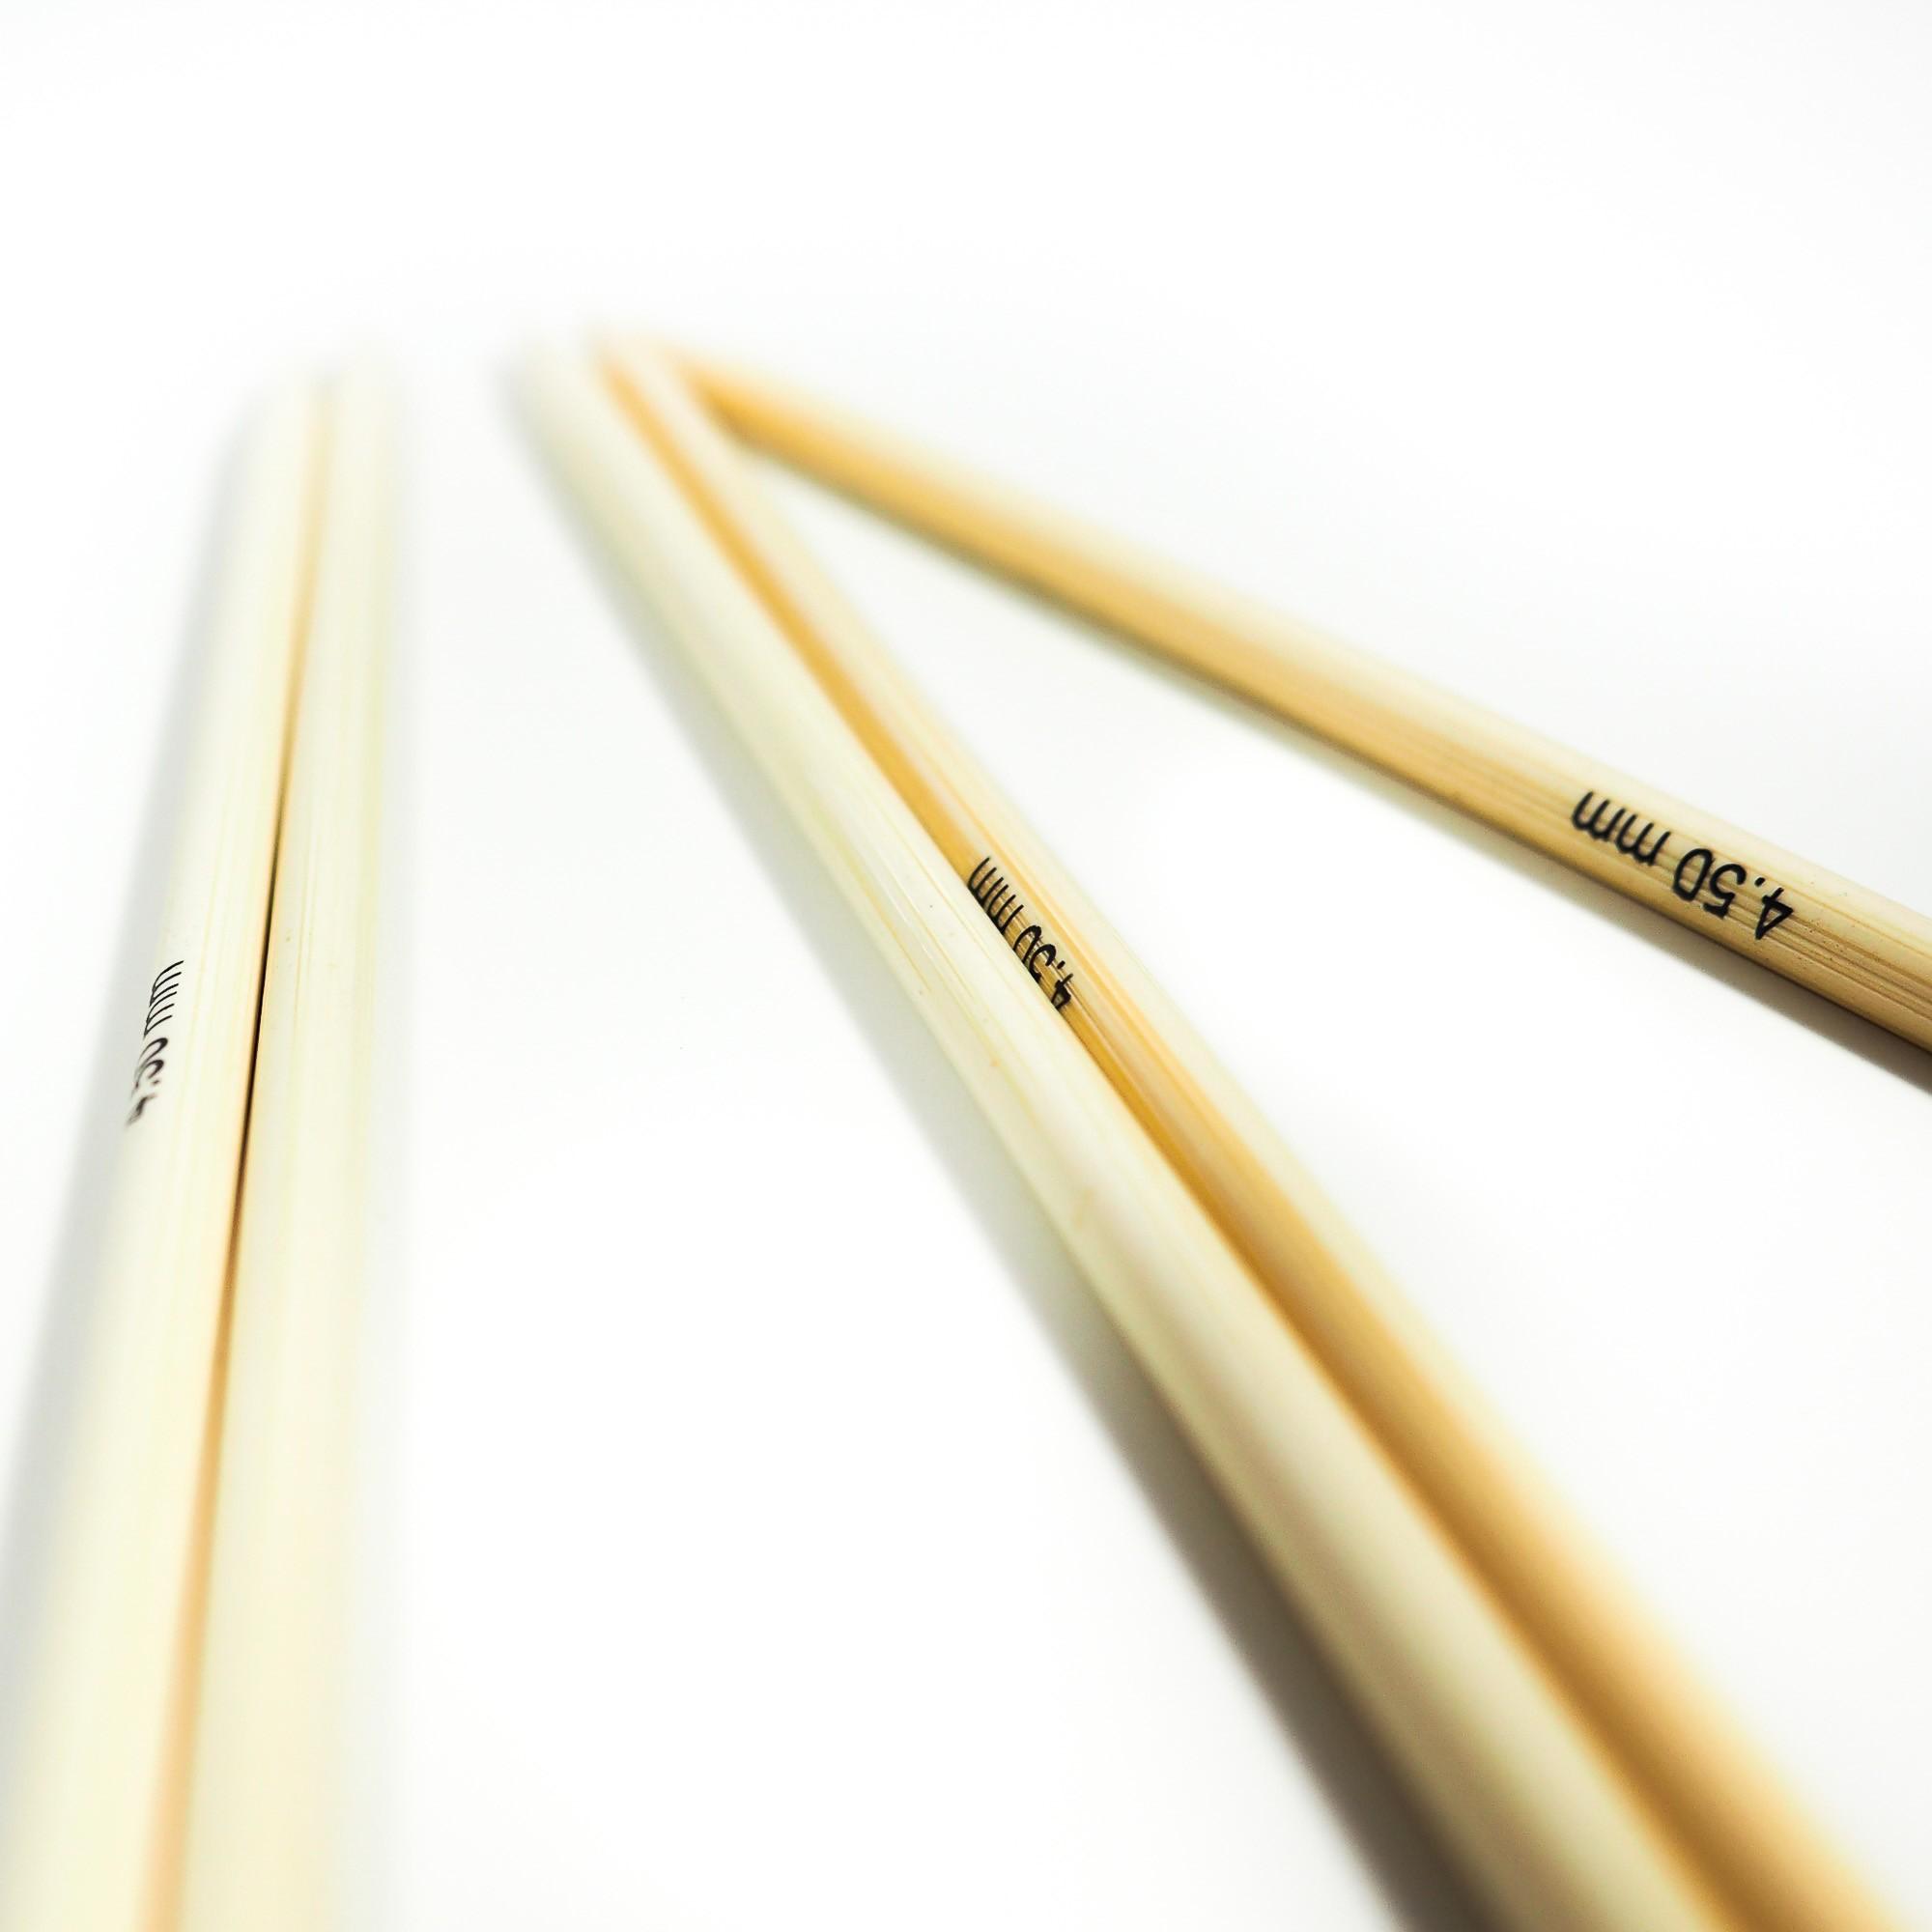 Strumpfstricknadel Bambus 20cm